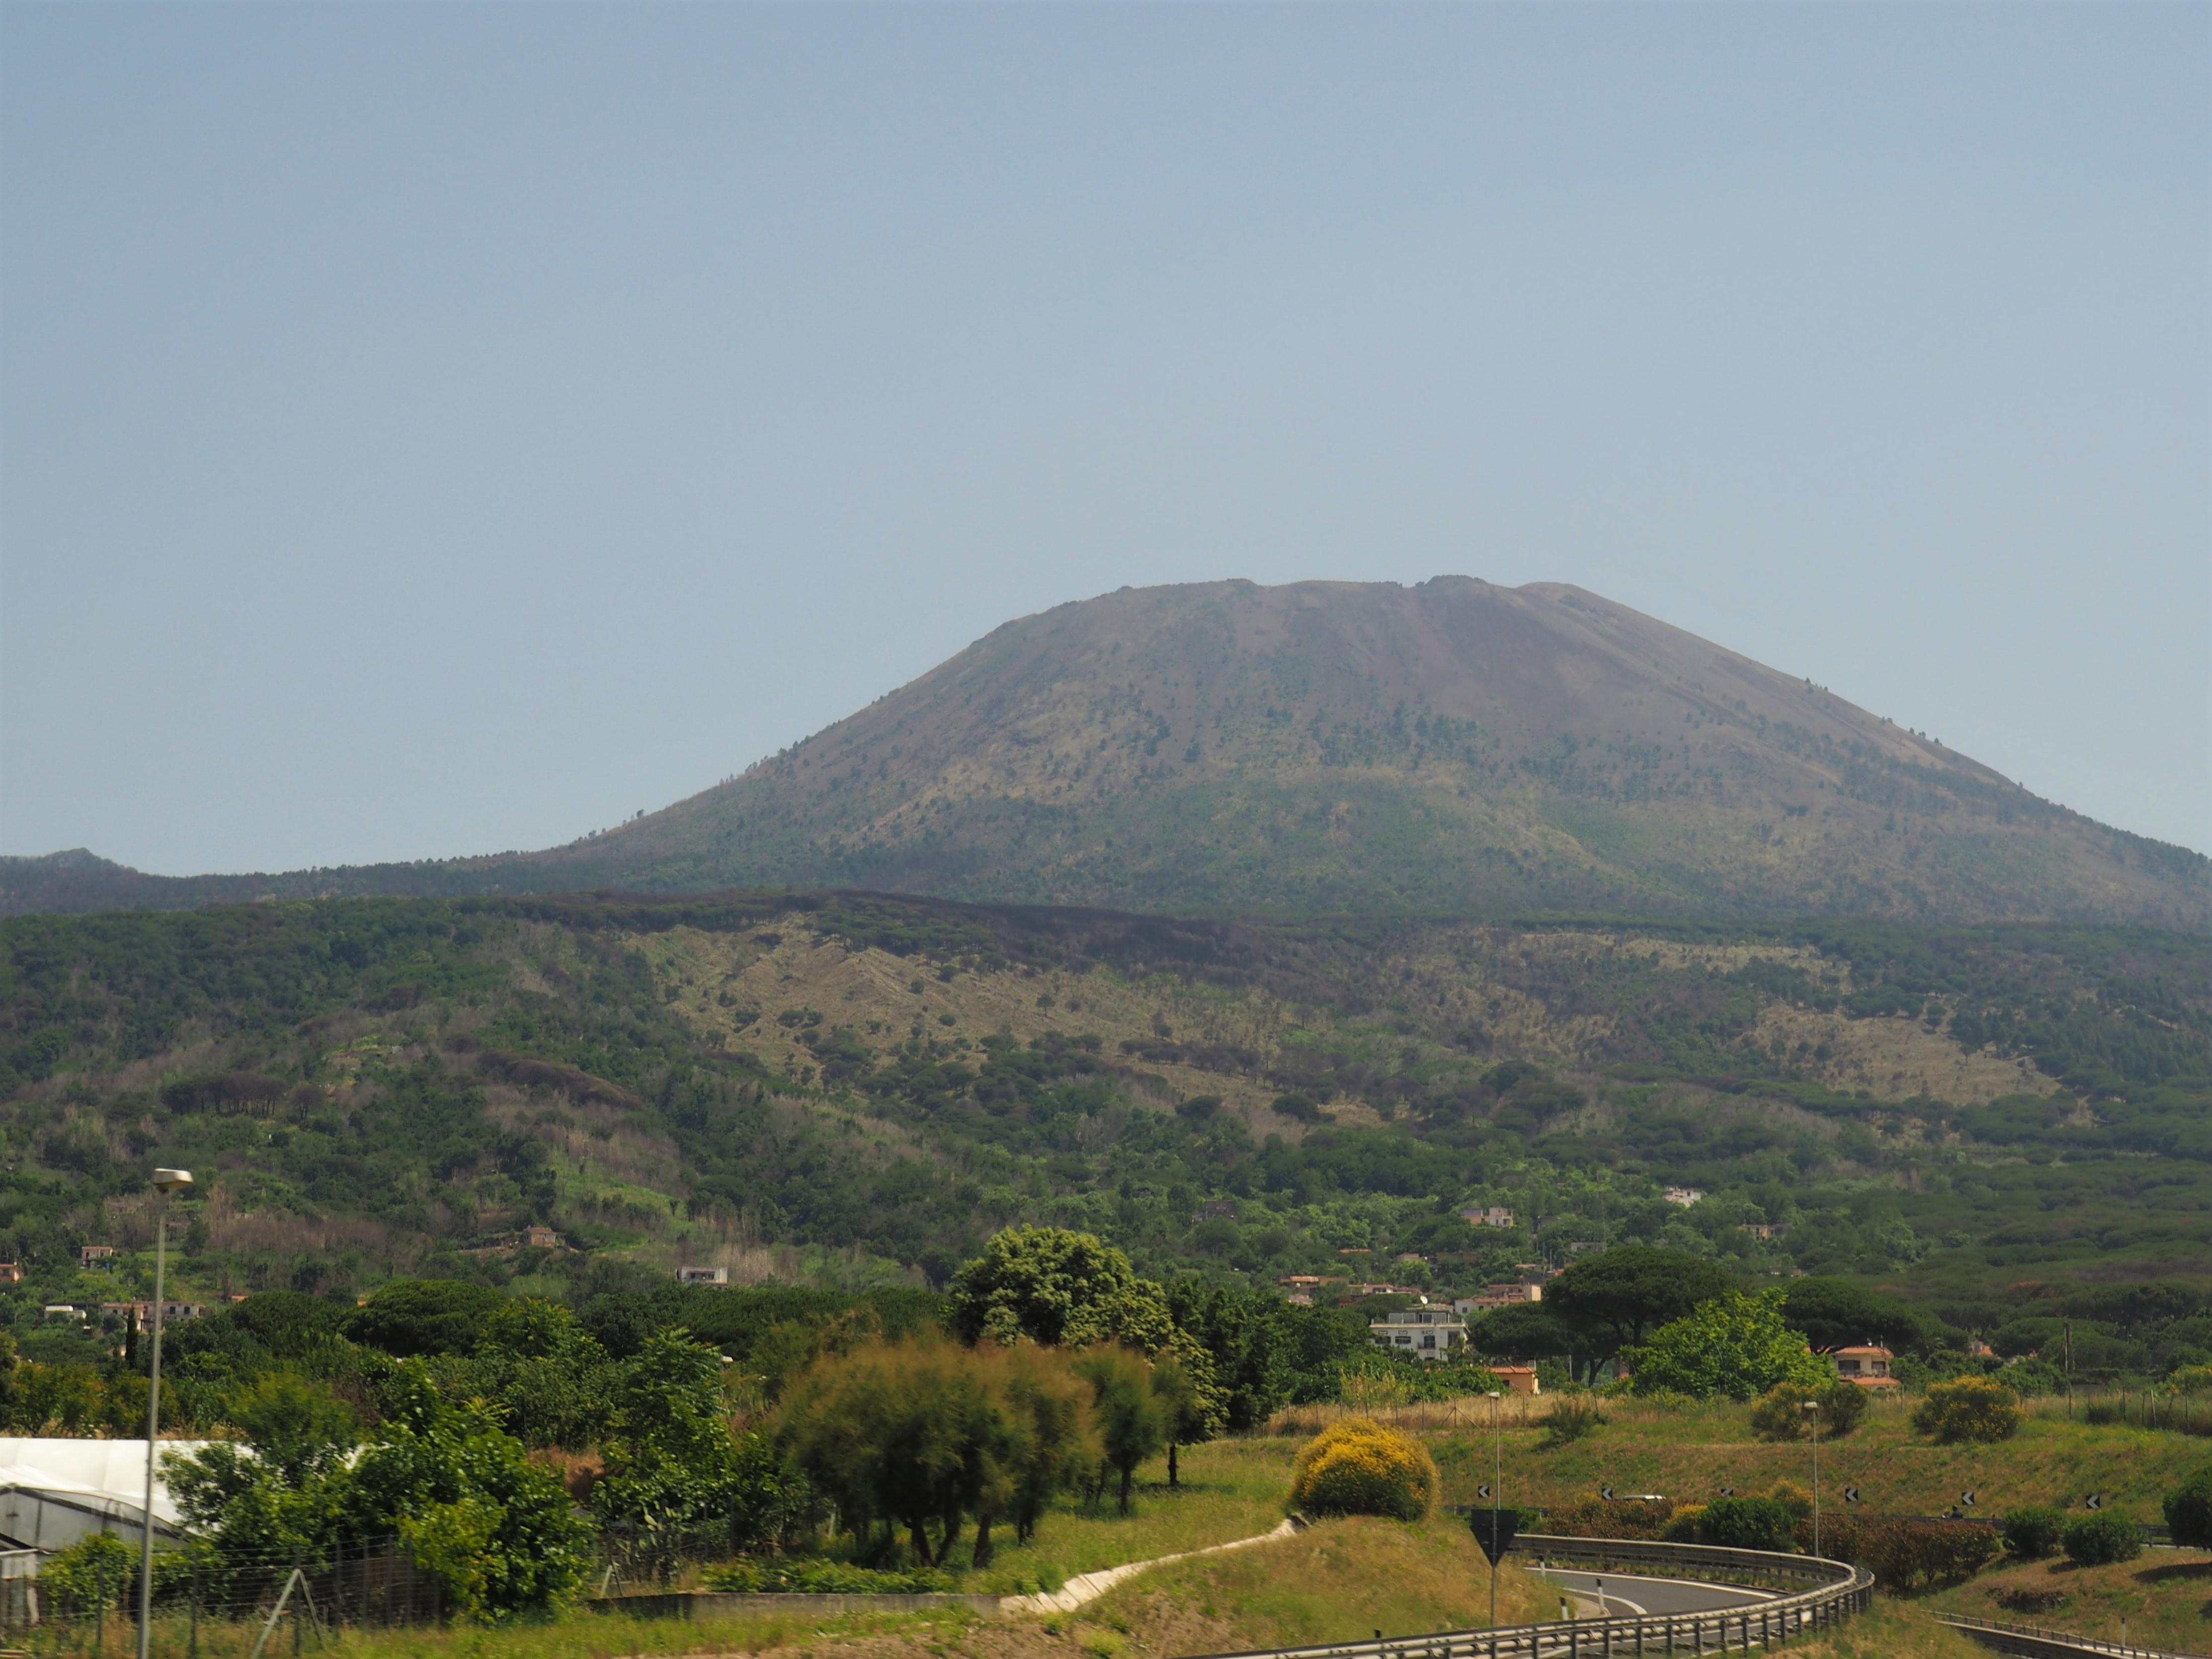 Harmloser Anblick des immer noch aktiven Vesuvs, einem der gefährlichsten Vulkane der Welt